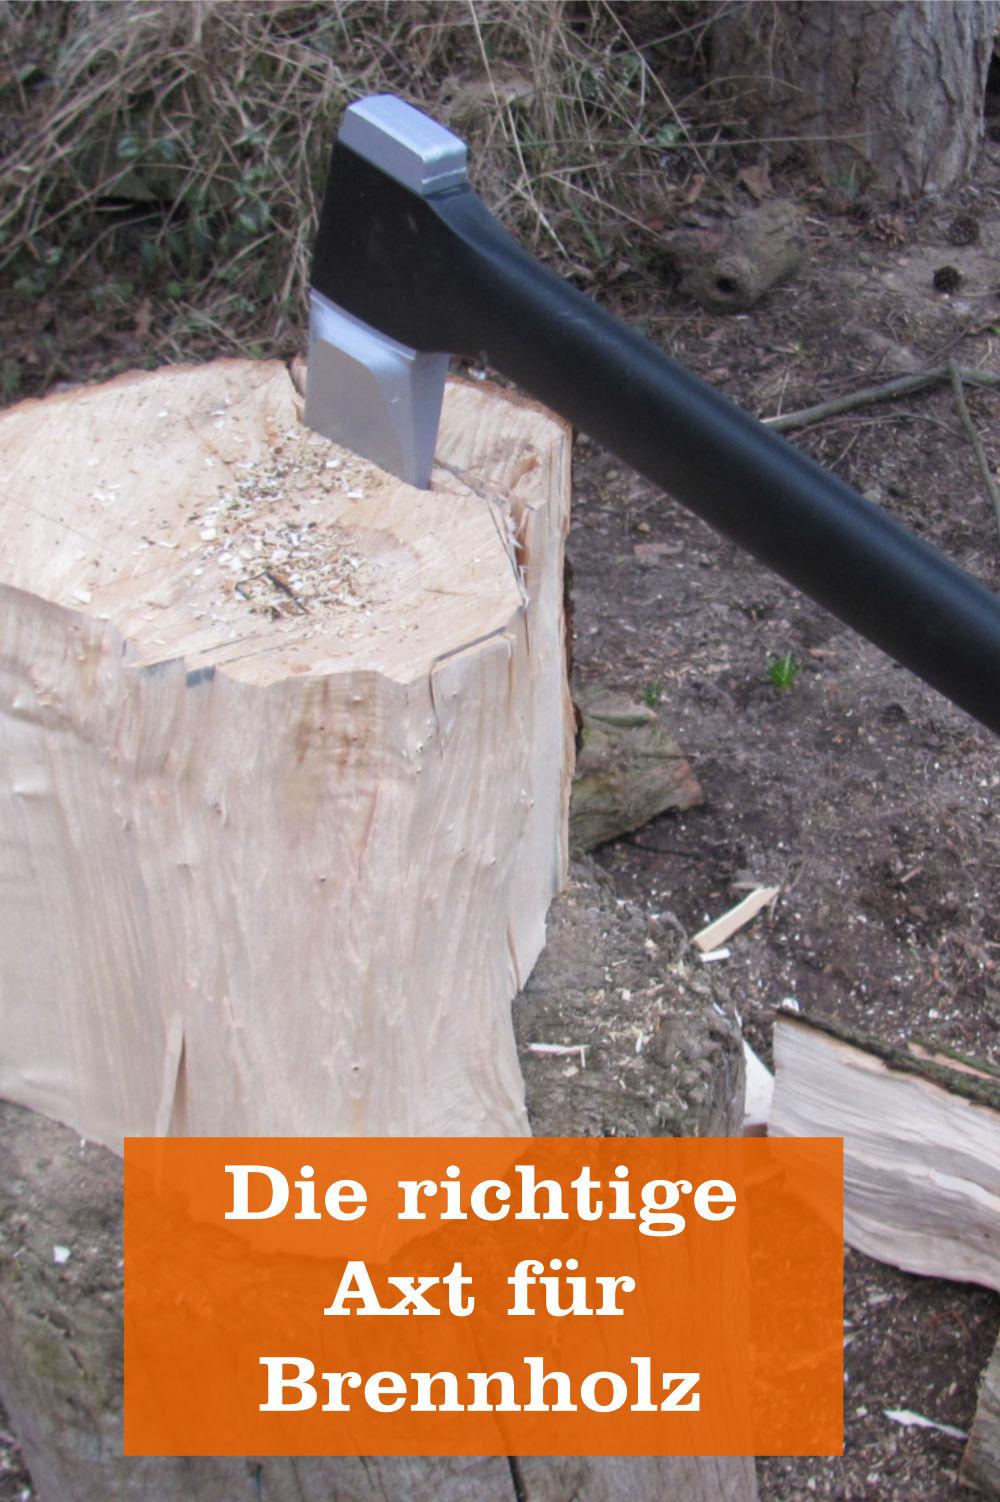 Axt für Brennholz